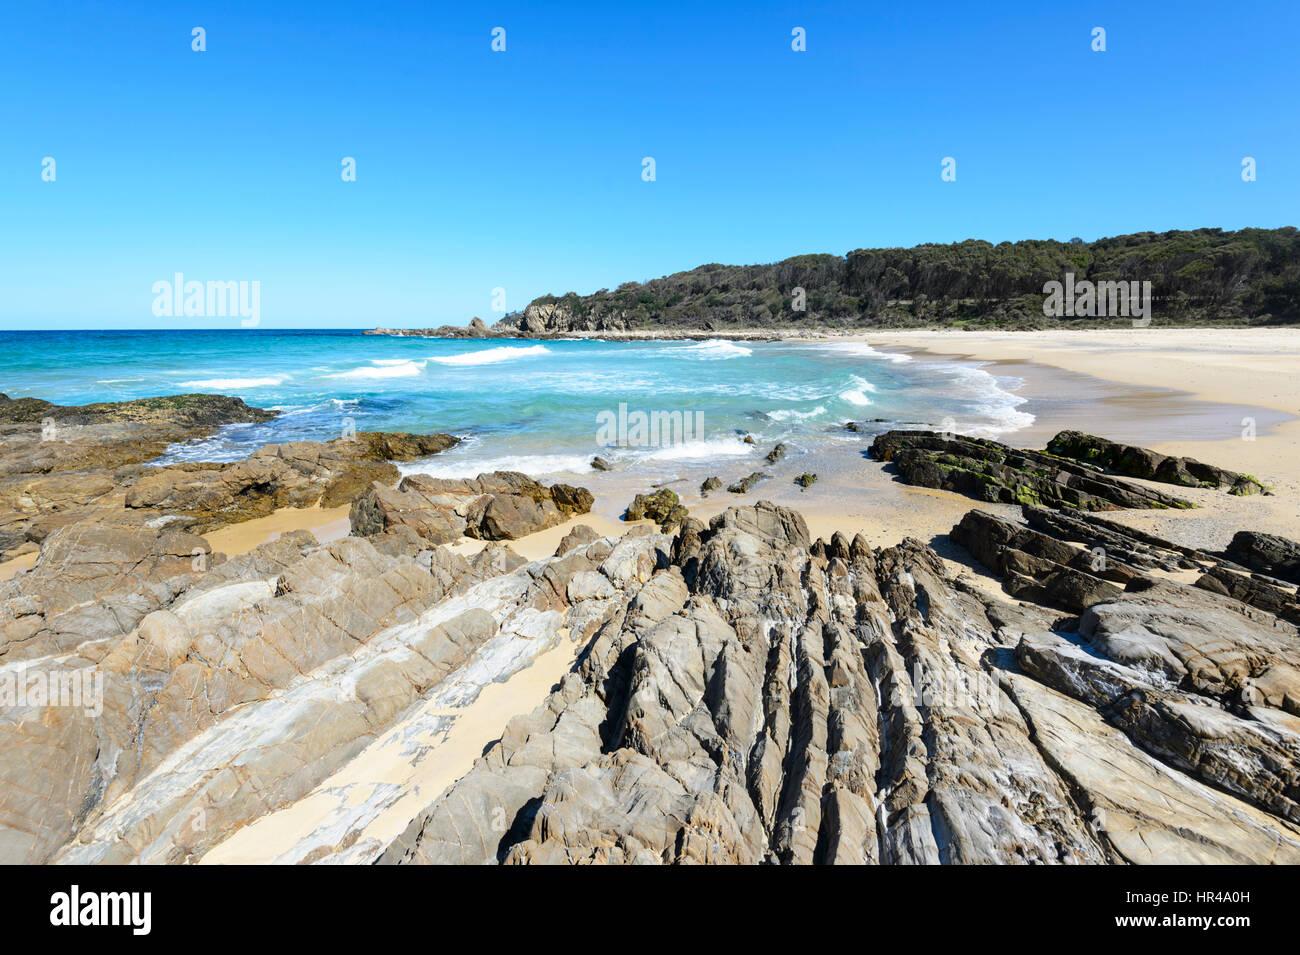 Plage de sable déserte avec des formations rocheuses étonnantes de pommes de terre à Point, New South Wales, Australia Banque D'Images